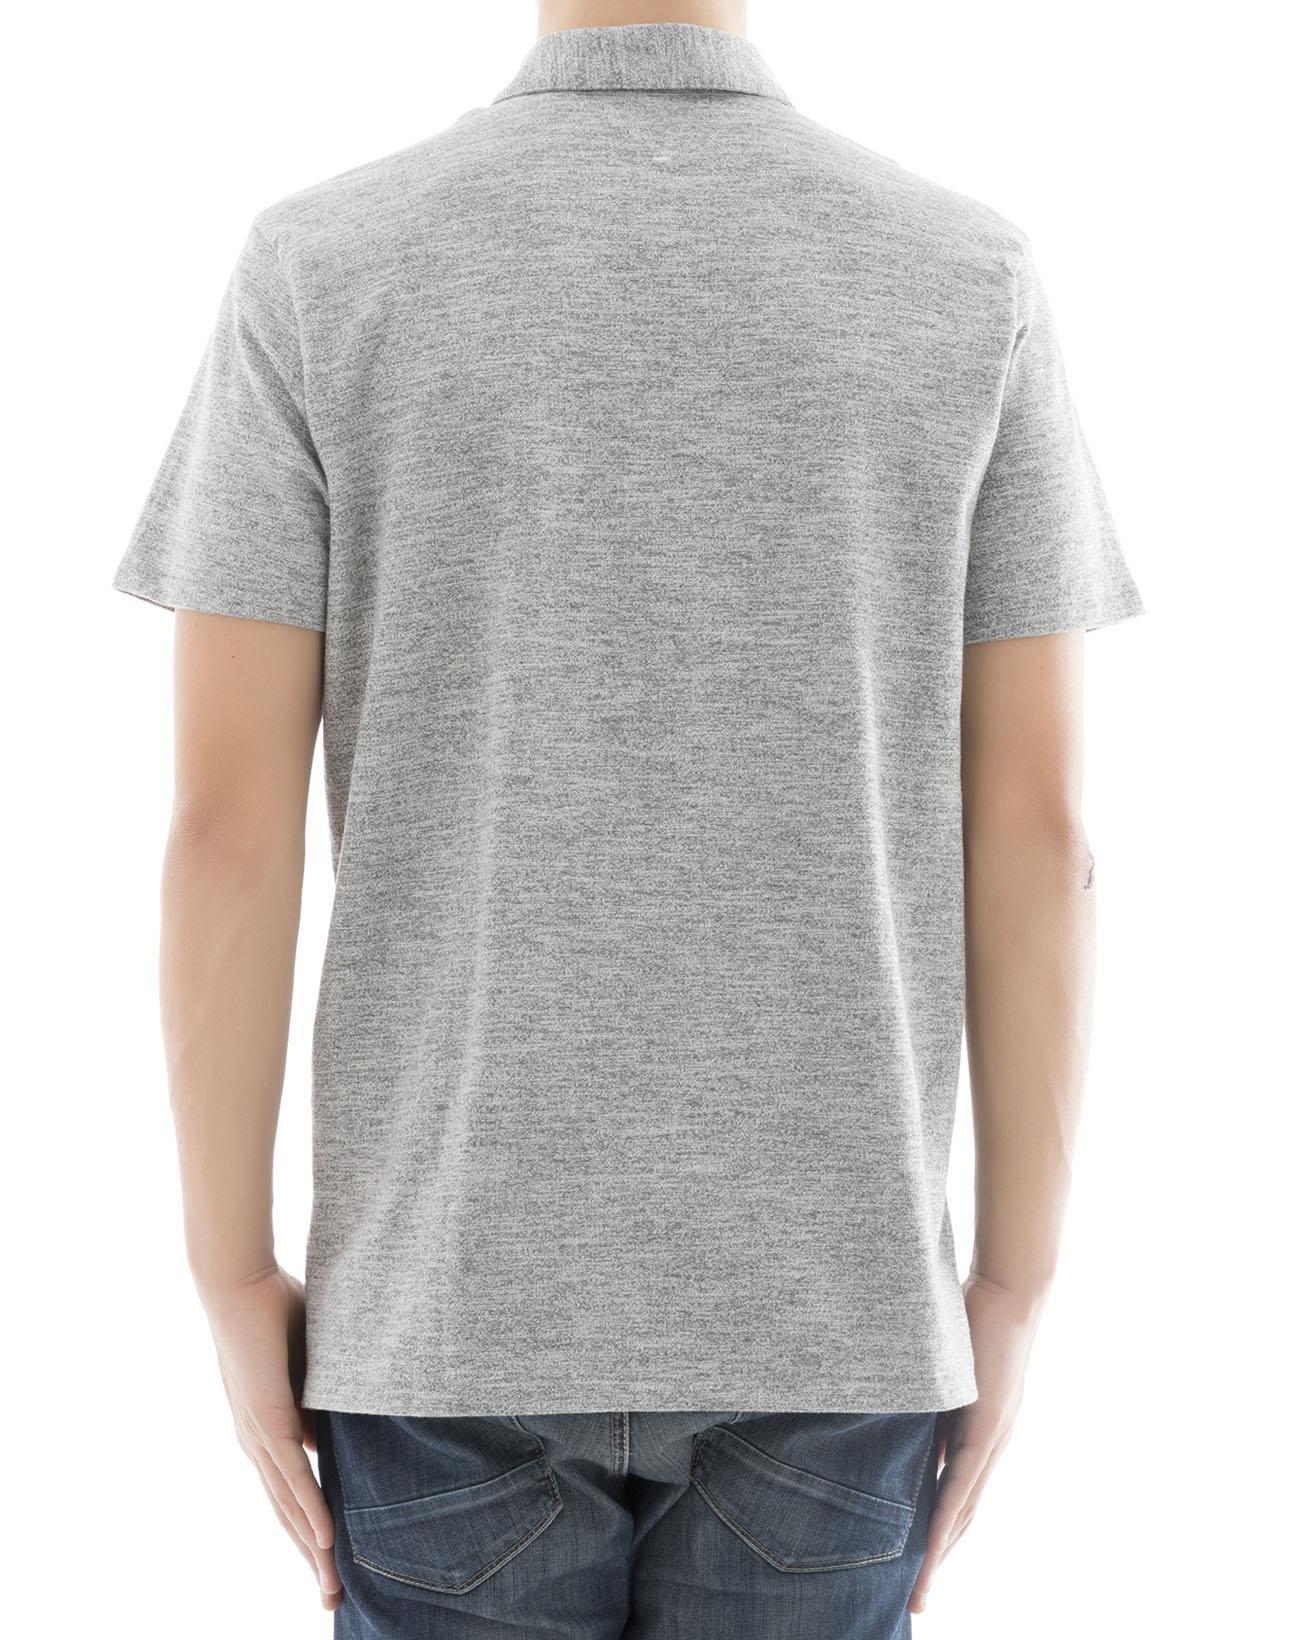 rag & bone Men's M000t076c030 Grey Cotton Polo Shirt by rag & bone (Image #3)